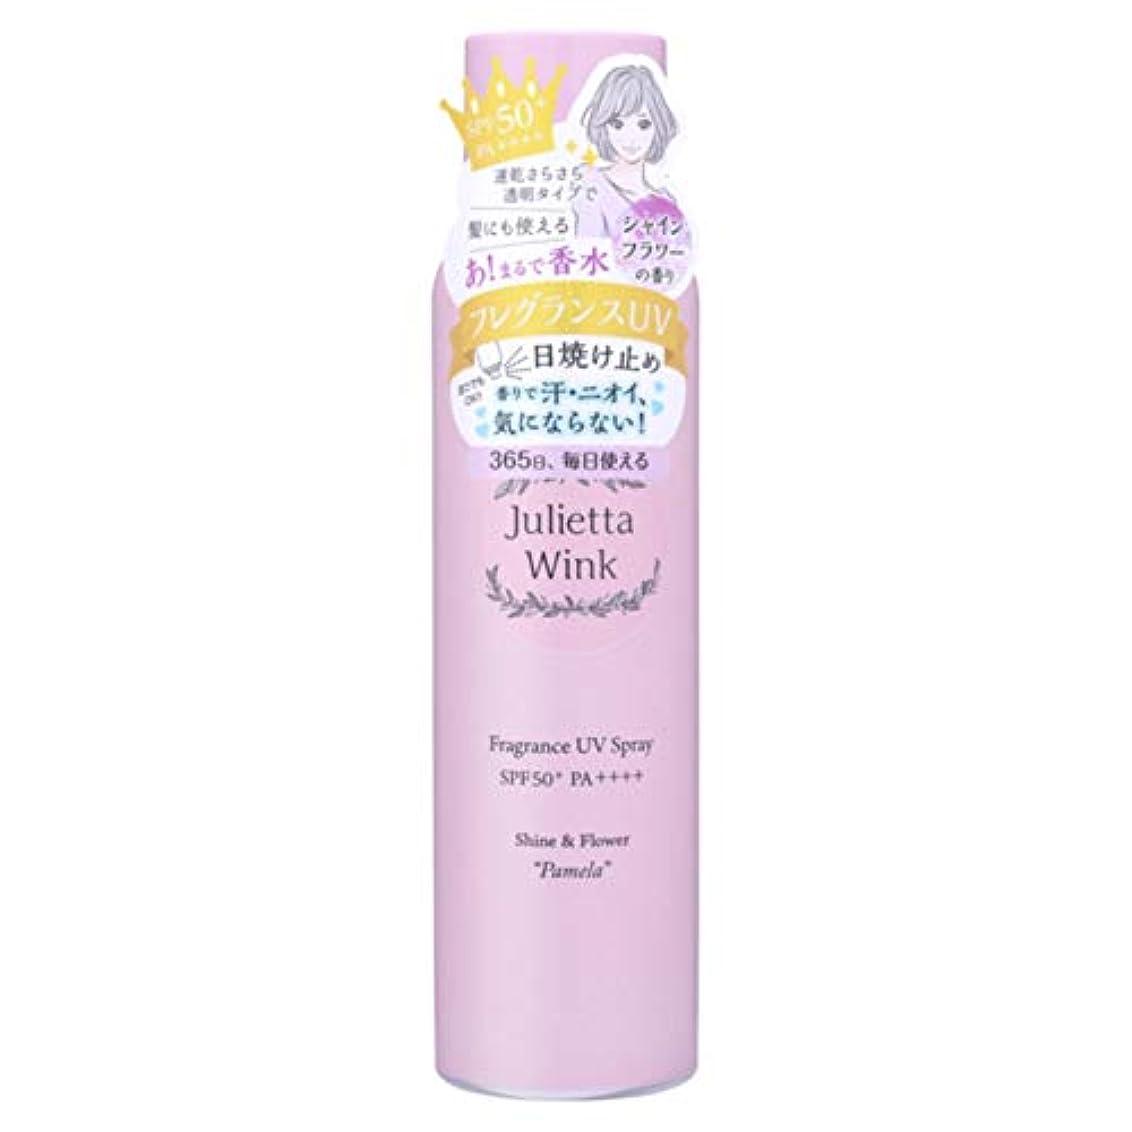 治療もう一度科学者ジュリエッタウィンク フレグランス UVスプレー[パメラ]100g シャインフラワーの香り(ピンク)